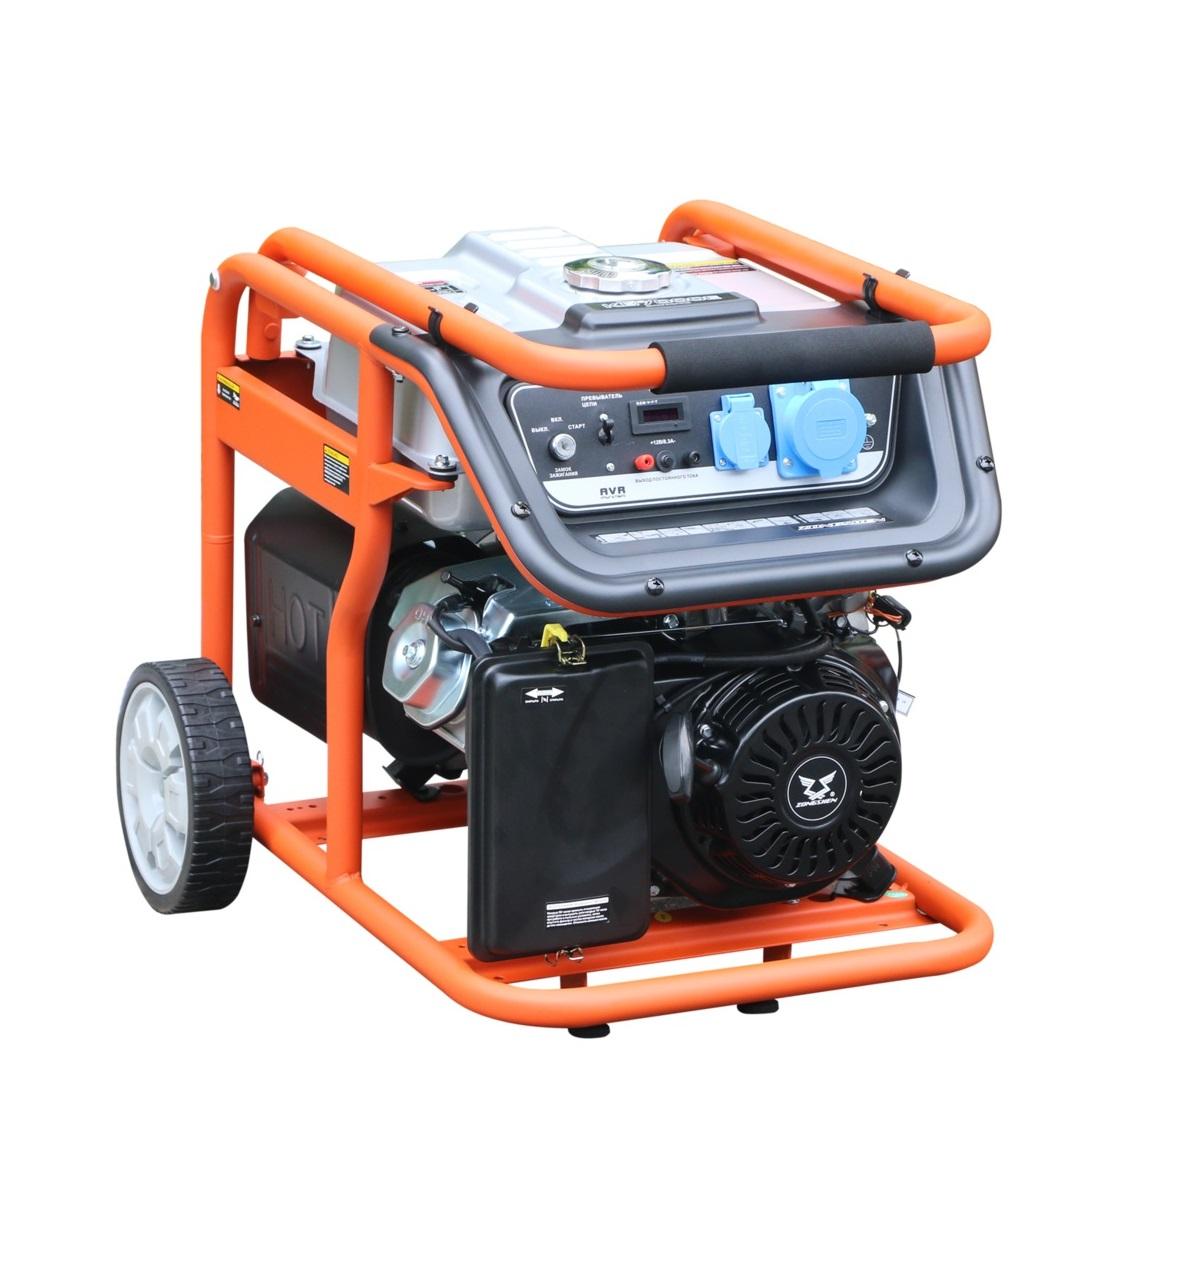 Бензиновый генератор (Бензогенератор) Zongshen KB 7000 E